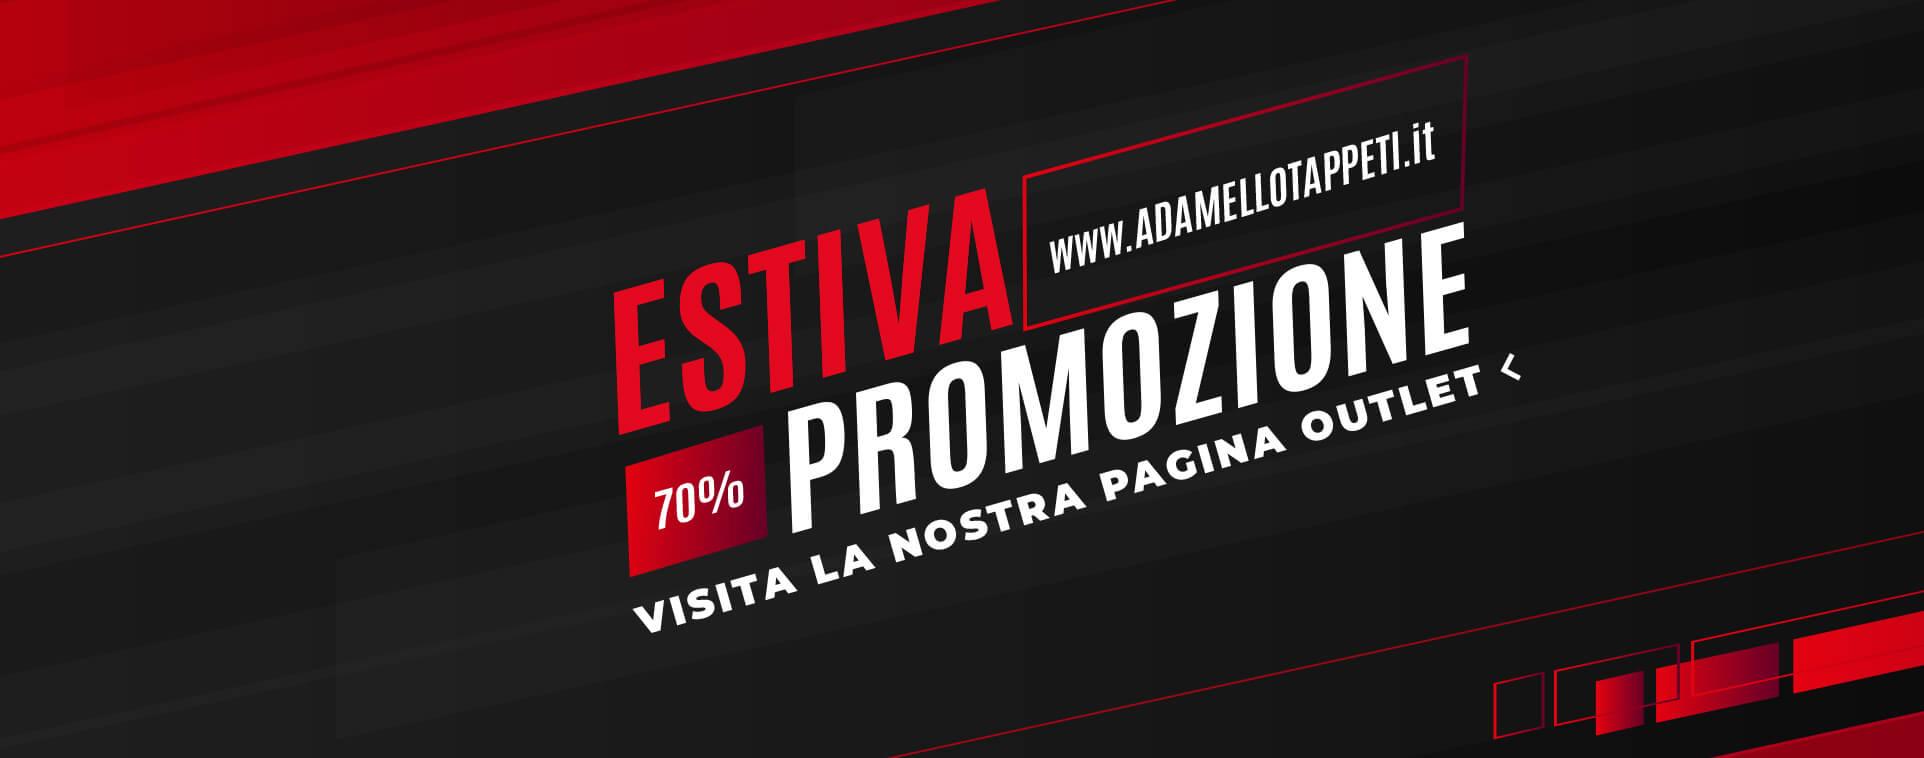 promozione - adamello - tappeti